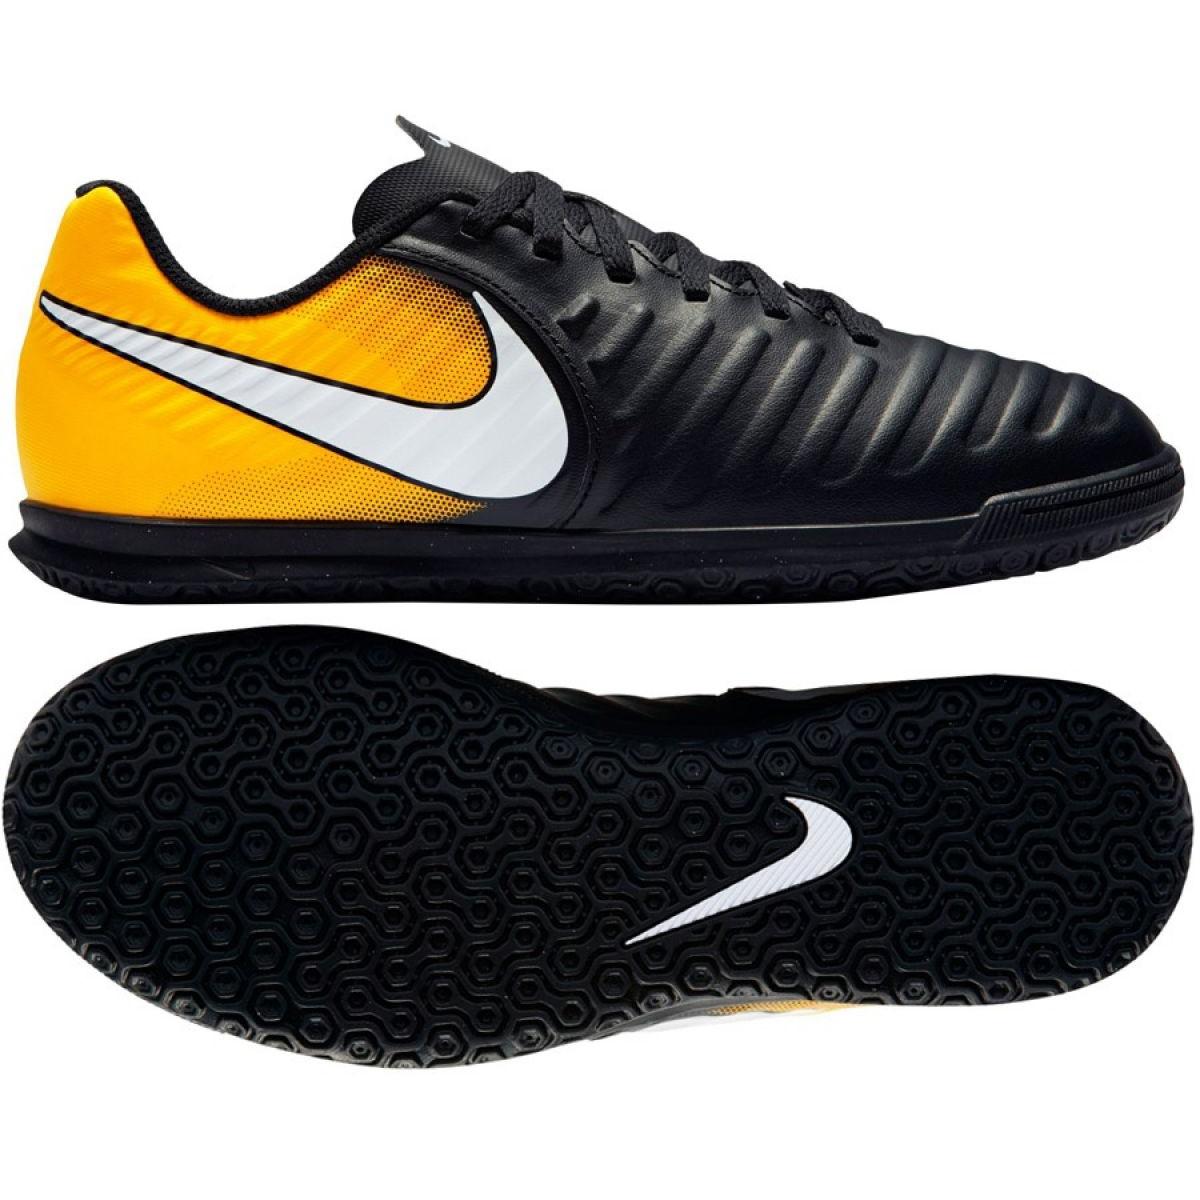 780d484d6 Buty halowe Nike TiempoX Rio Iv Ic Jr 897735-008 - ButyModne.pl